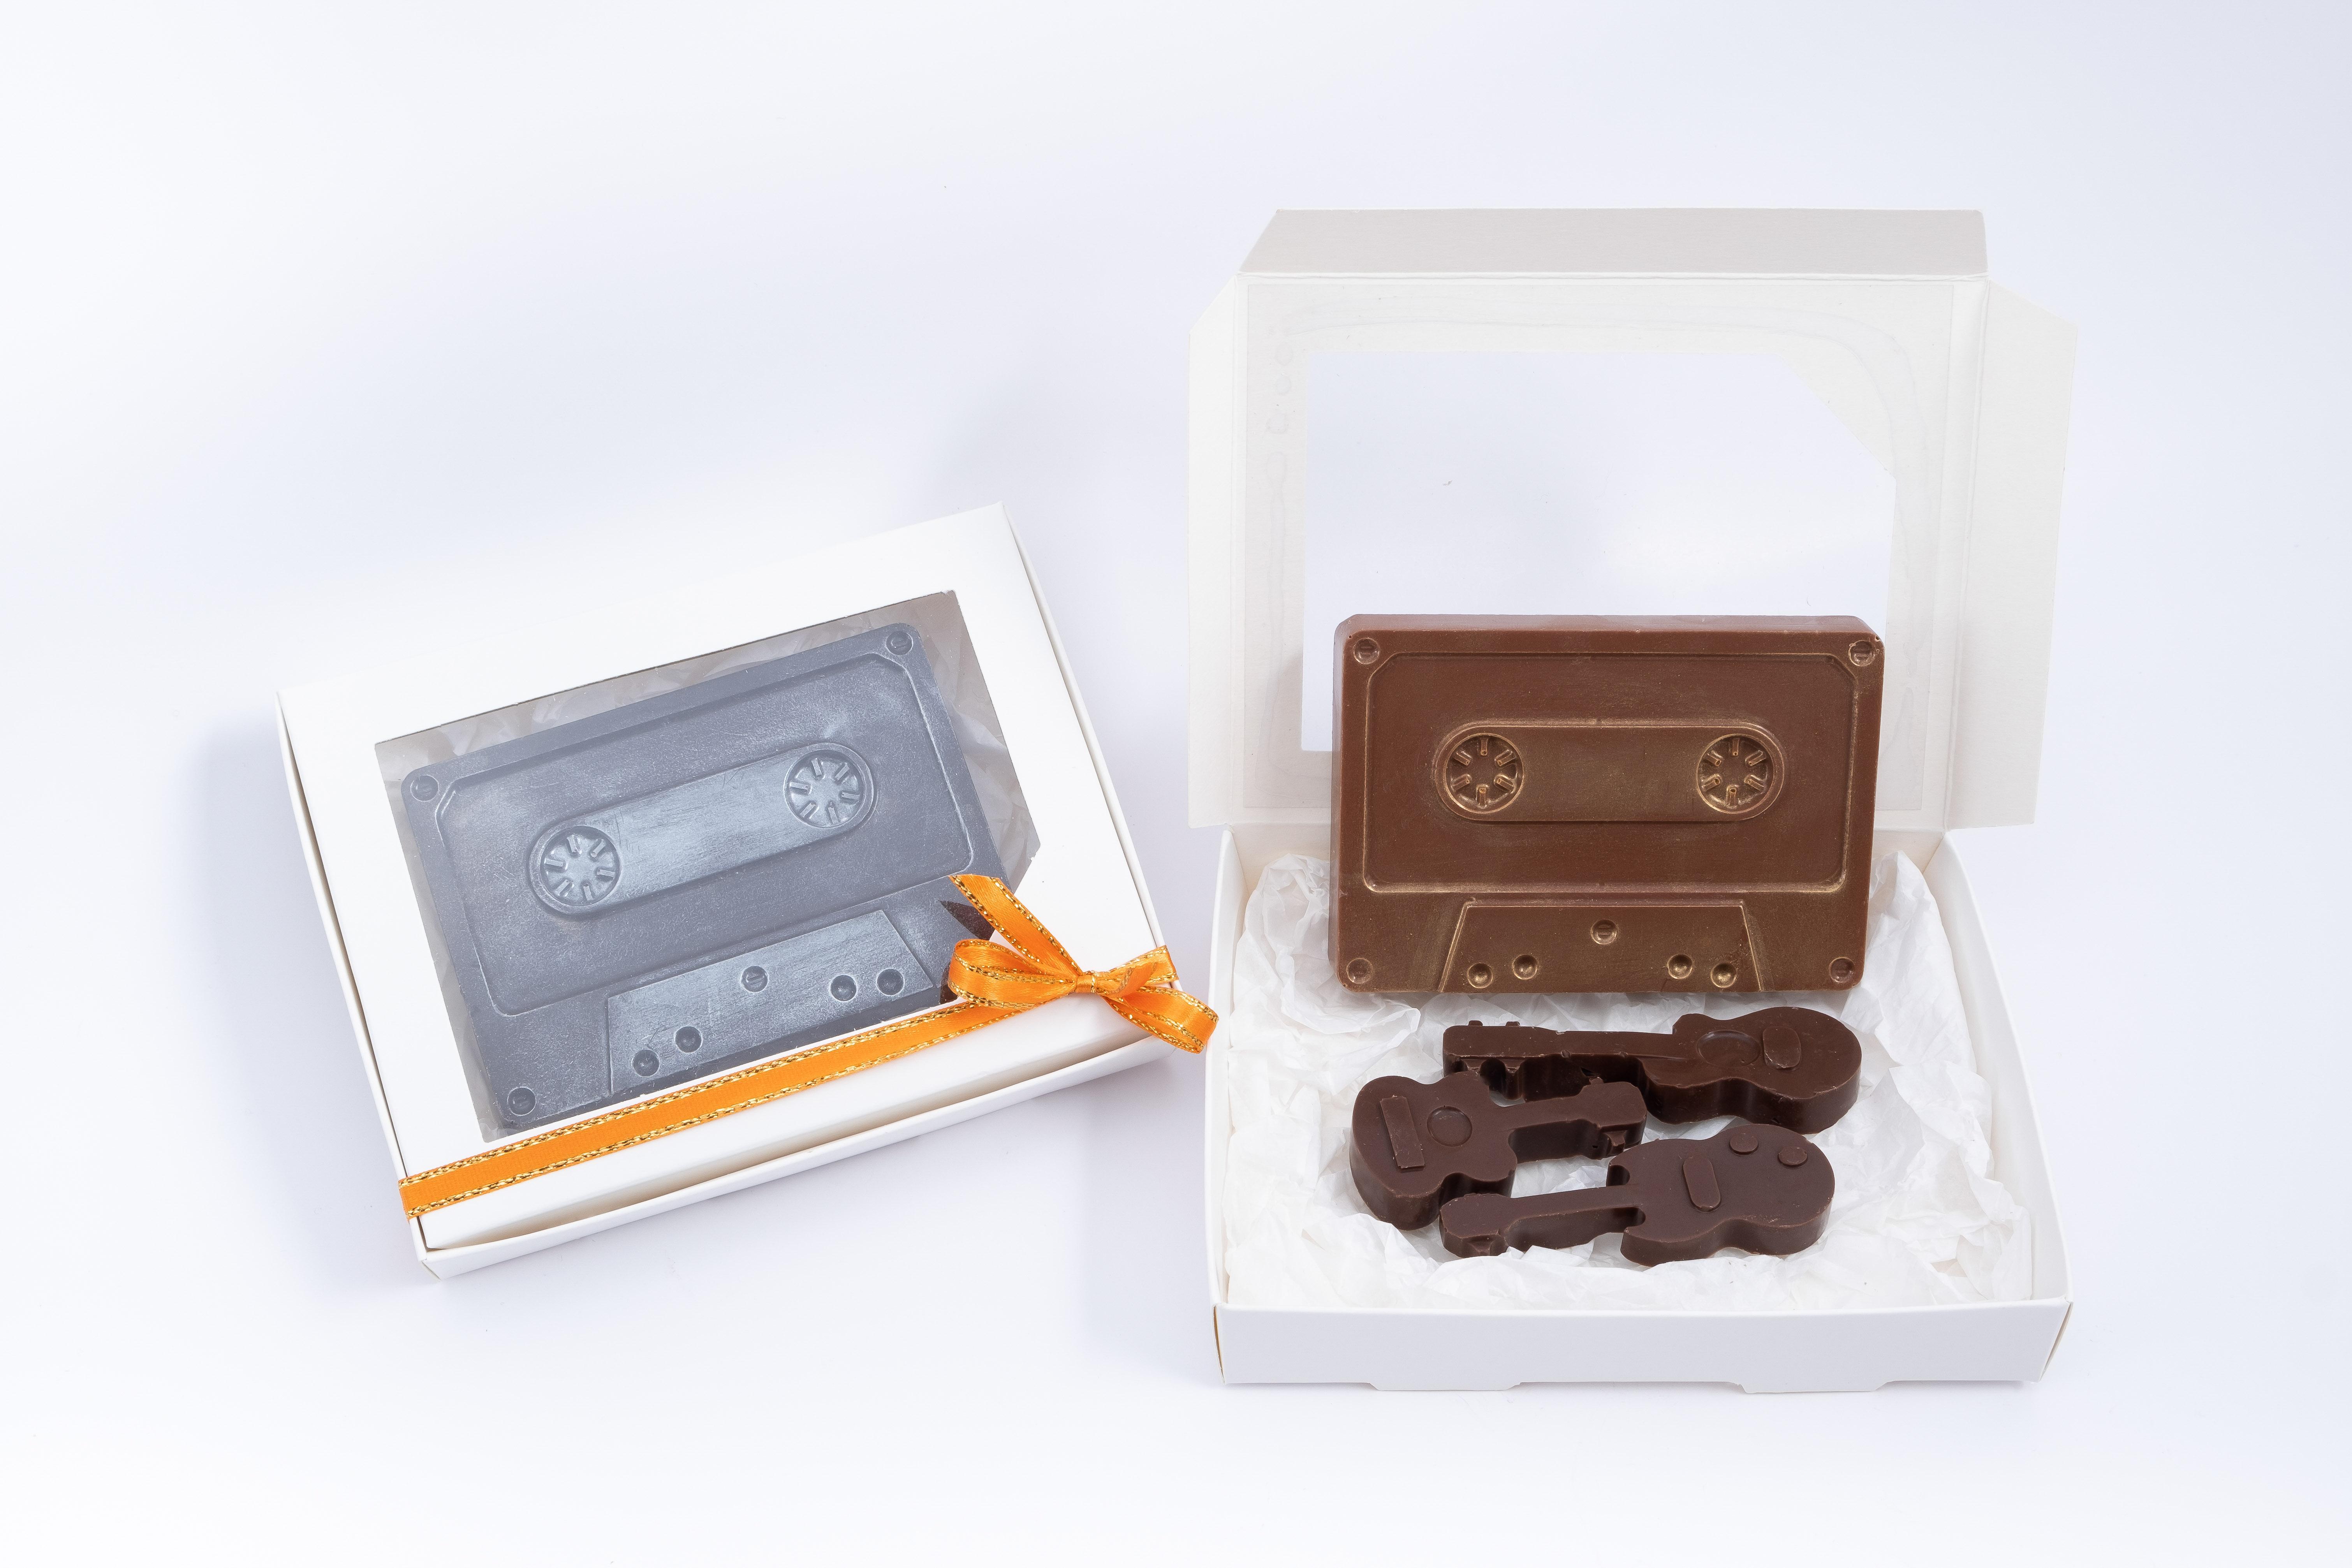 Cassette + 3 guitarras